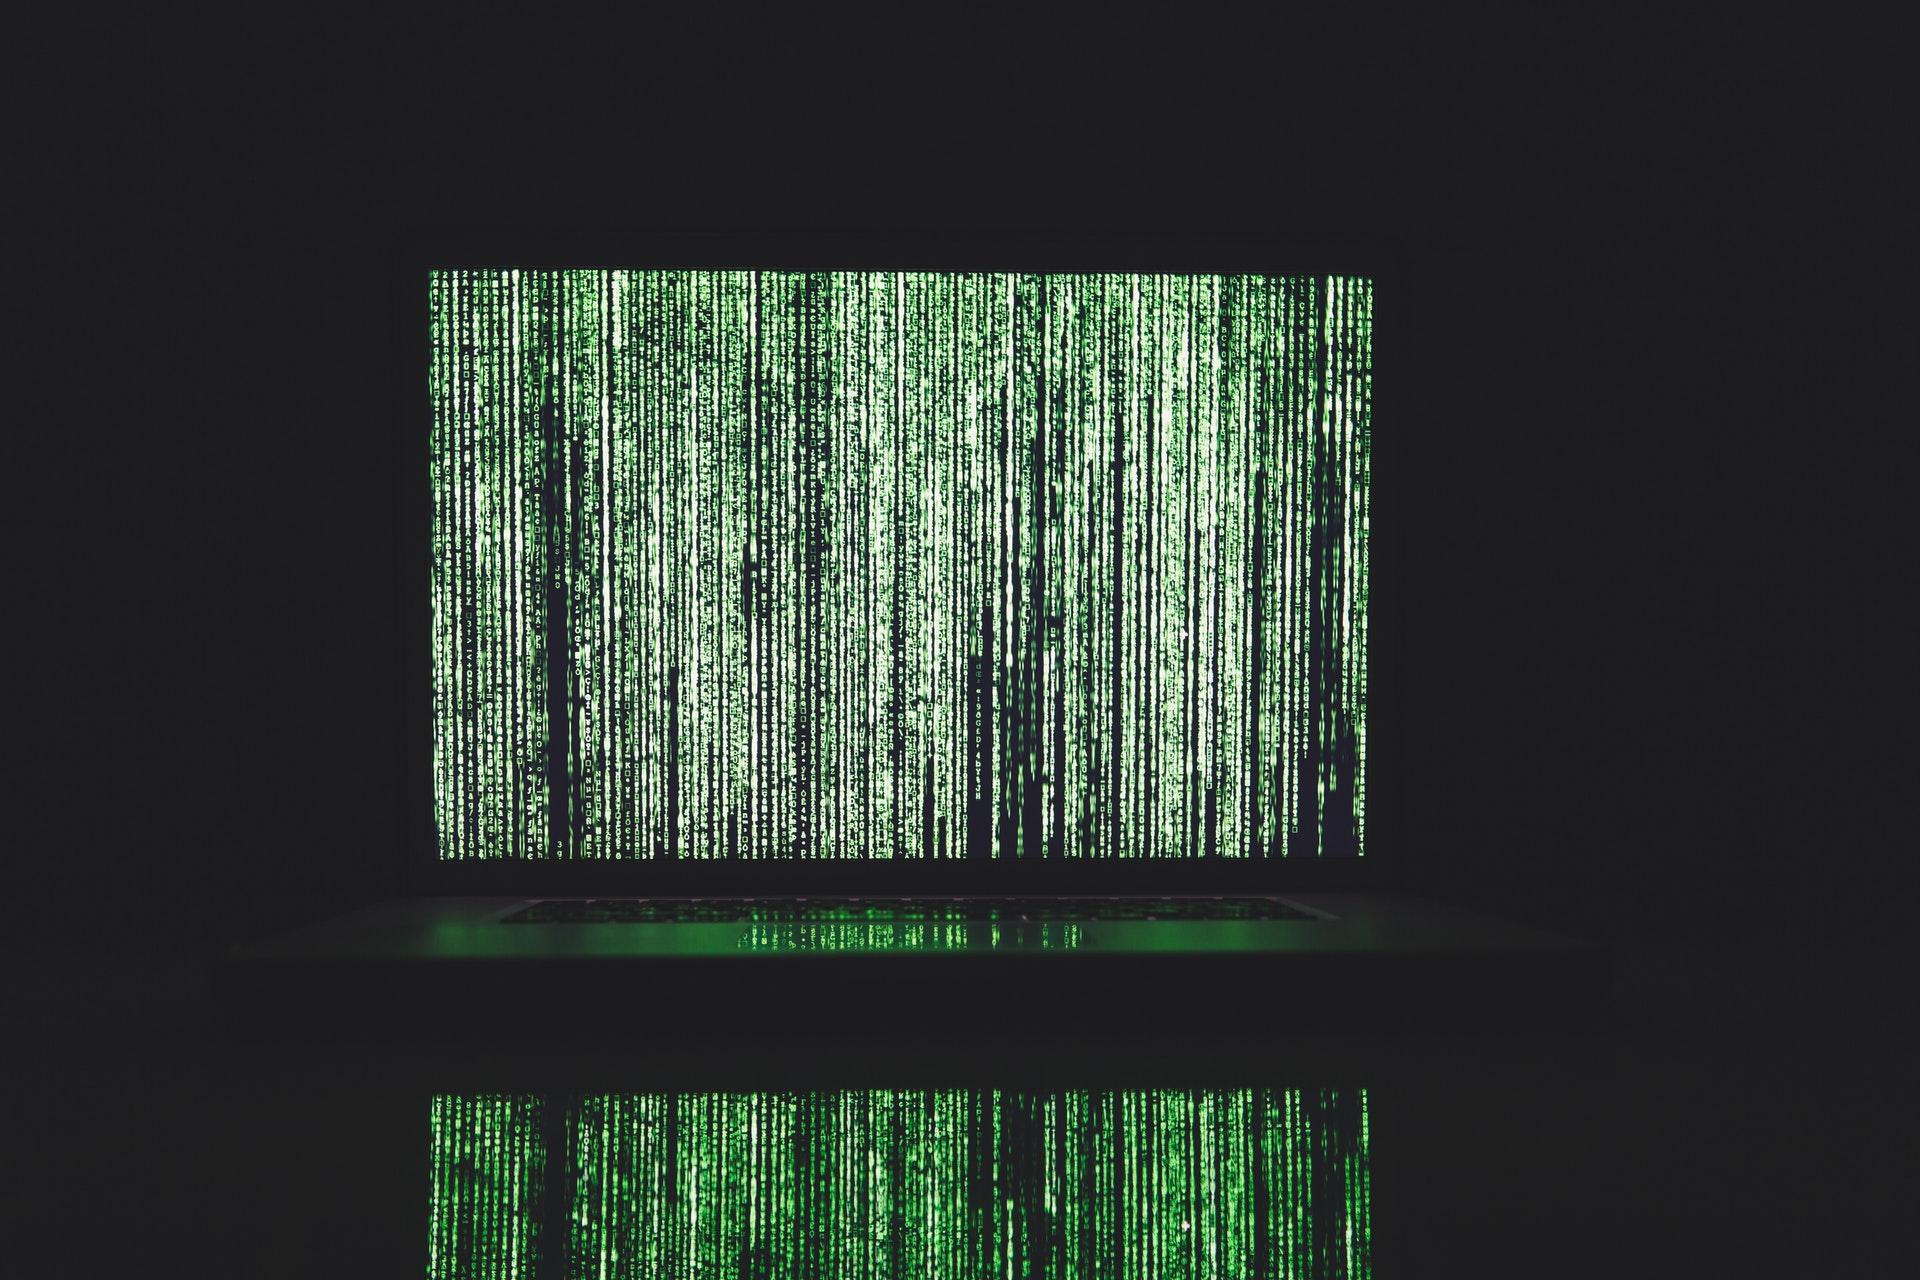 Come creare una password sicura ma facile da ricordare